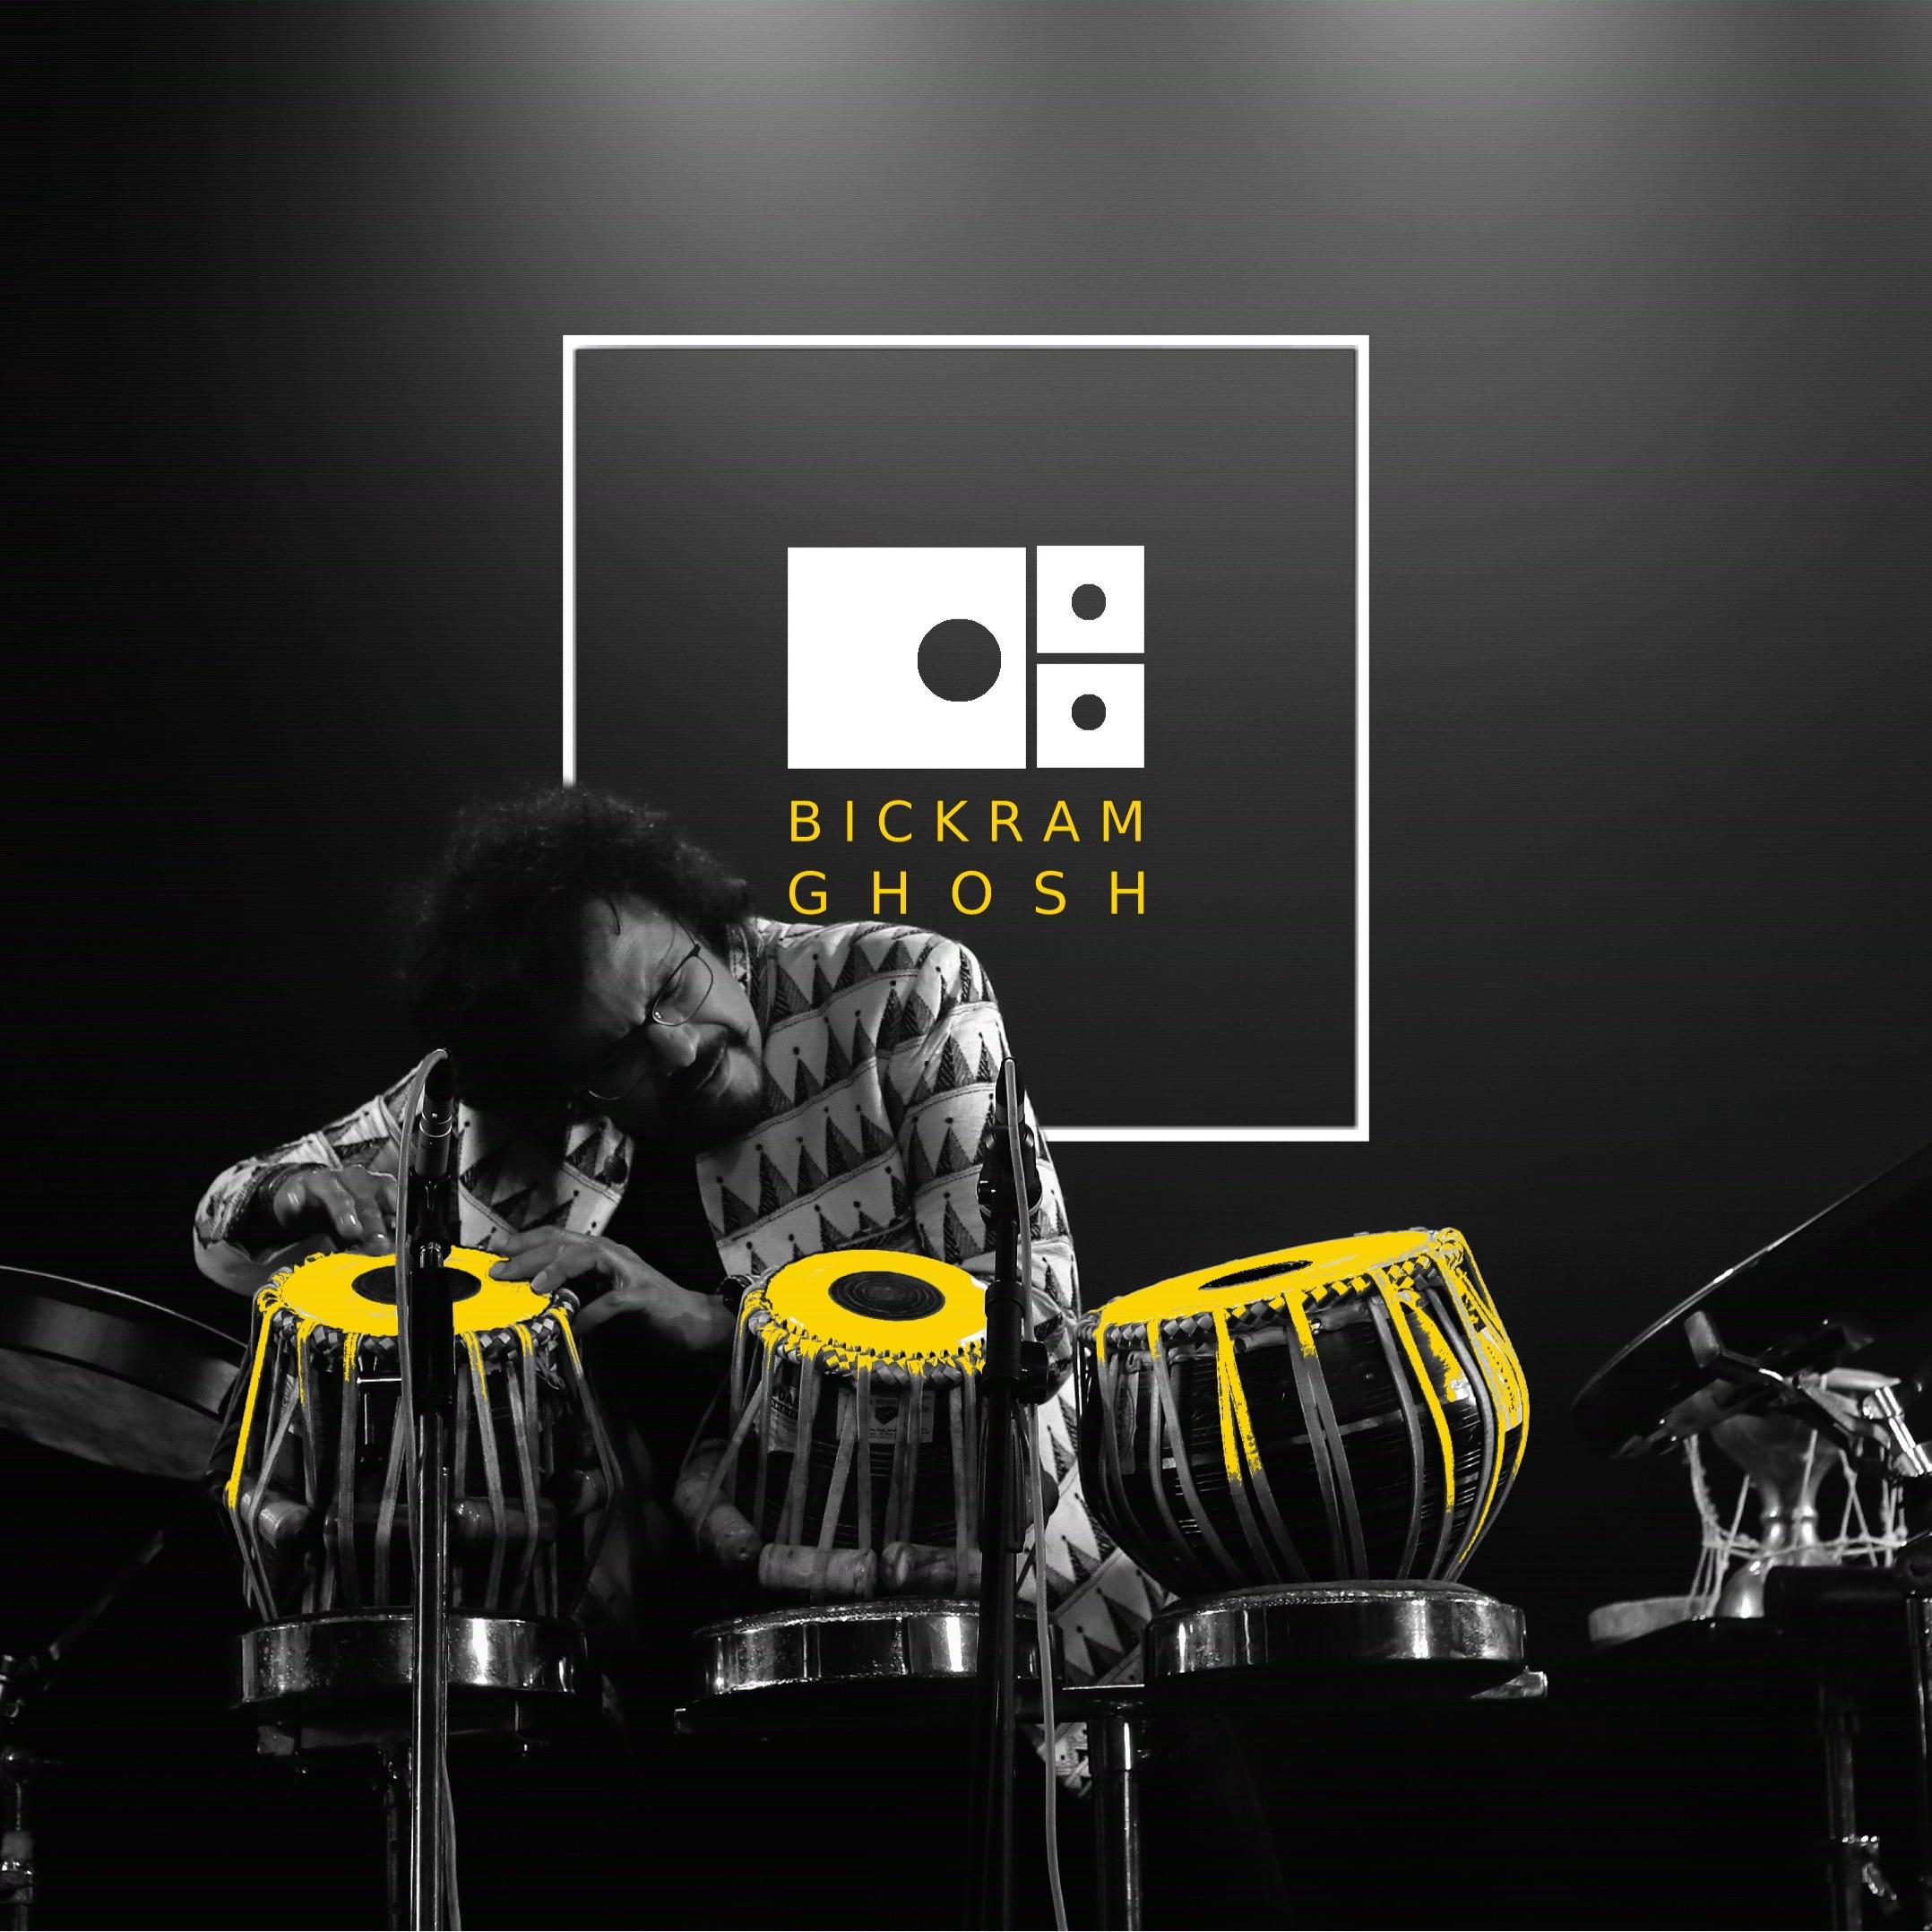 rhythm scape bikram ghosh